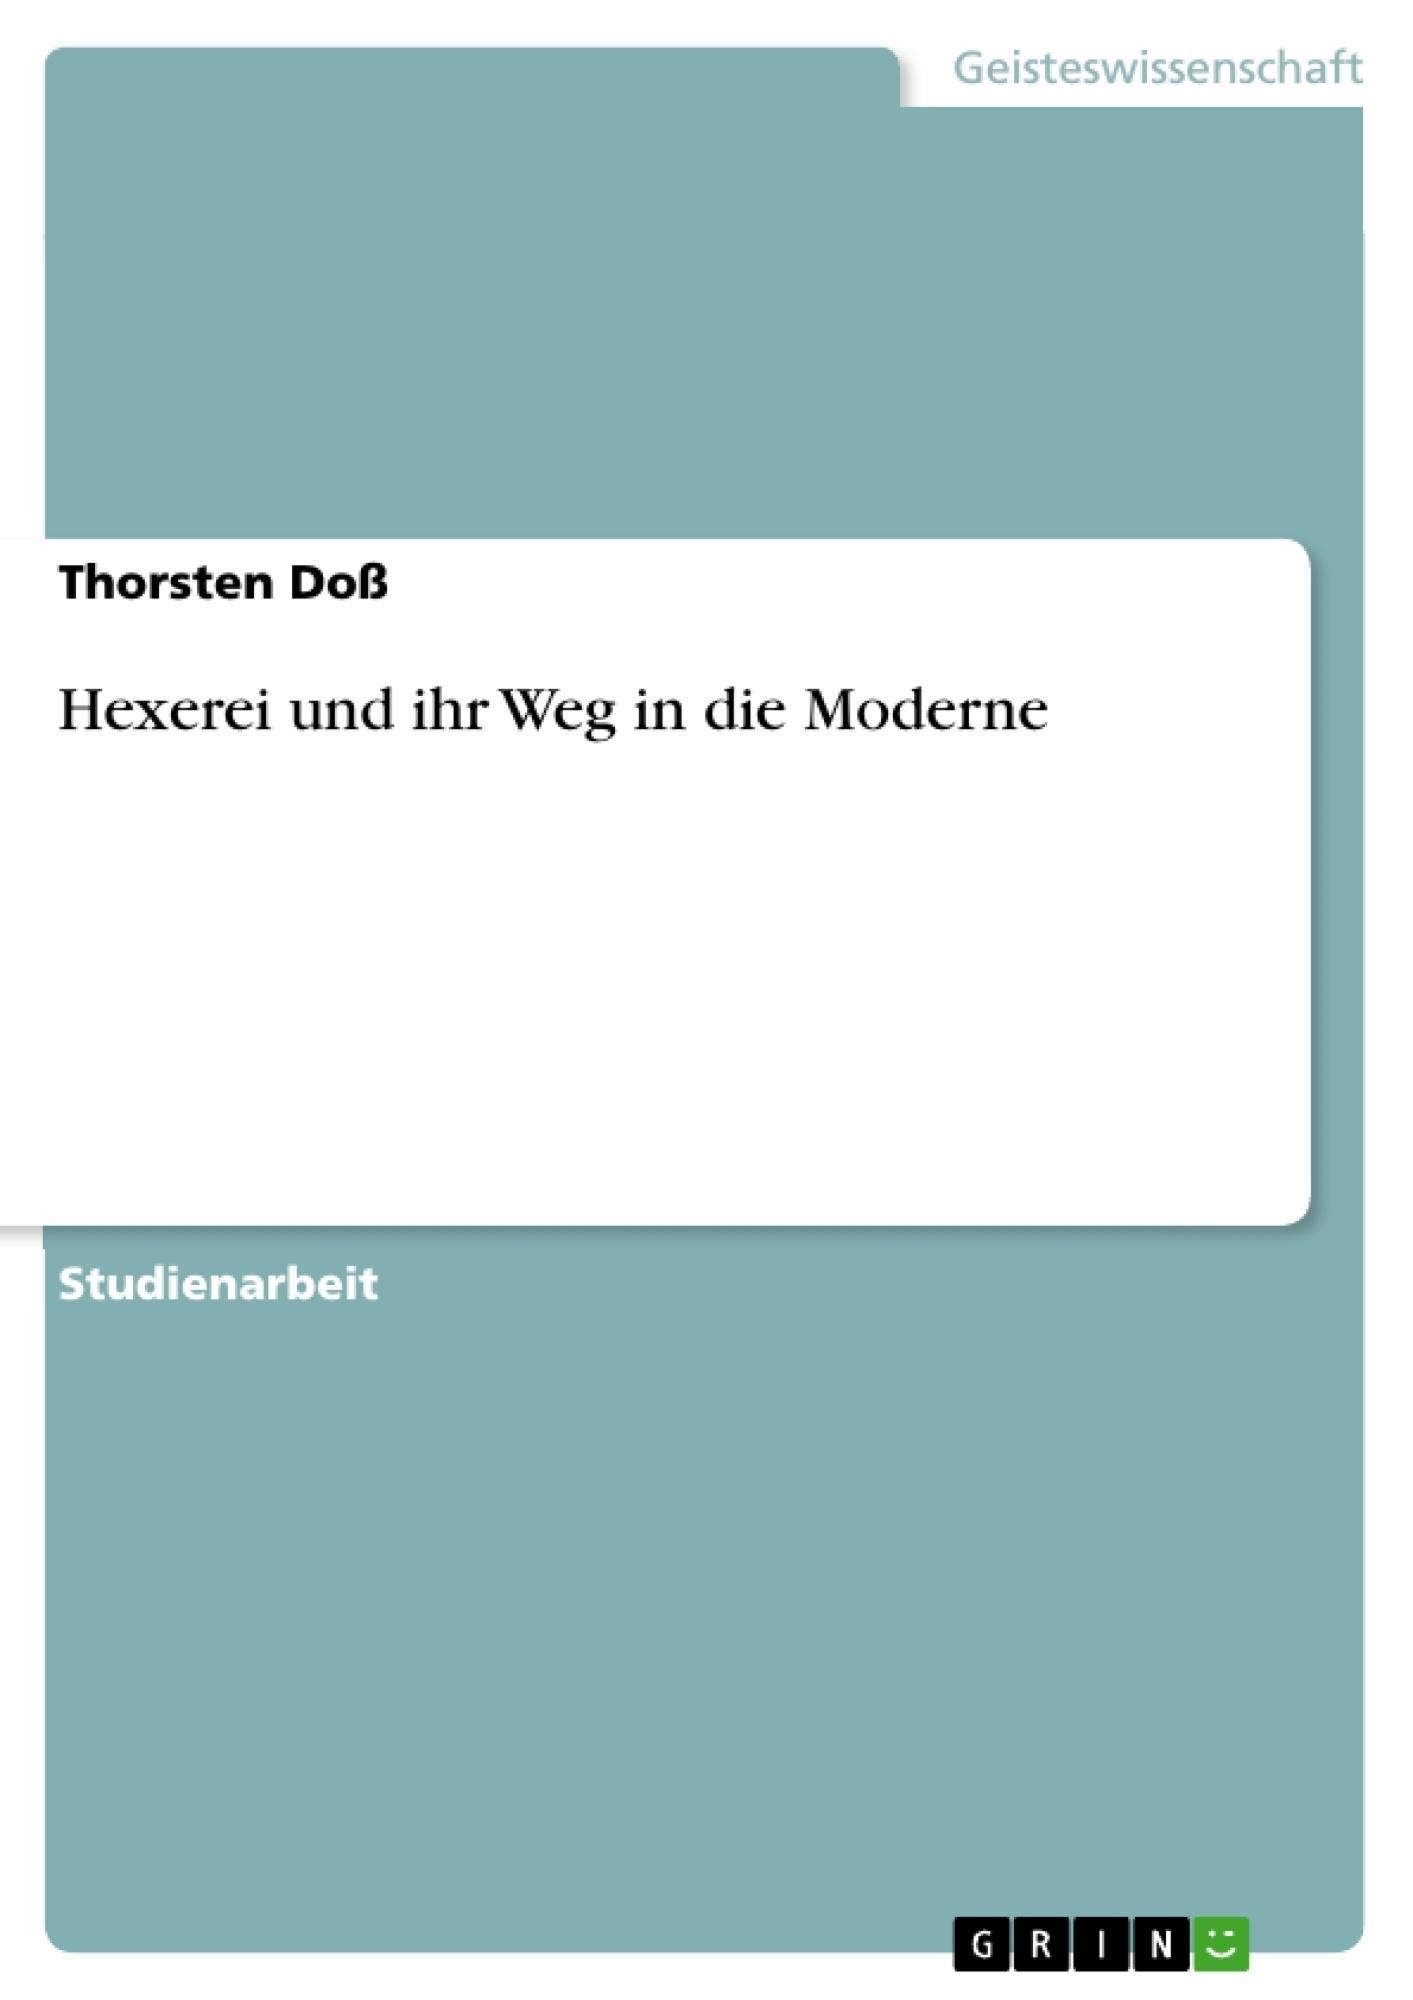 Titel: Hexerei und ihr Weg in die Moderne